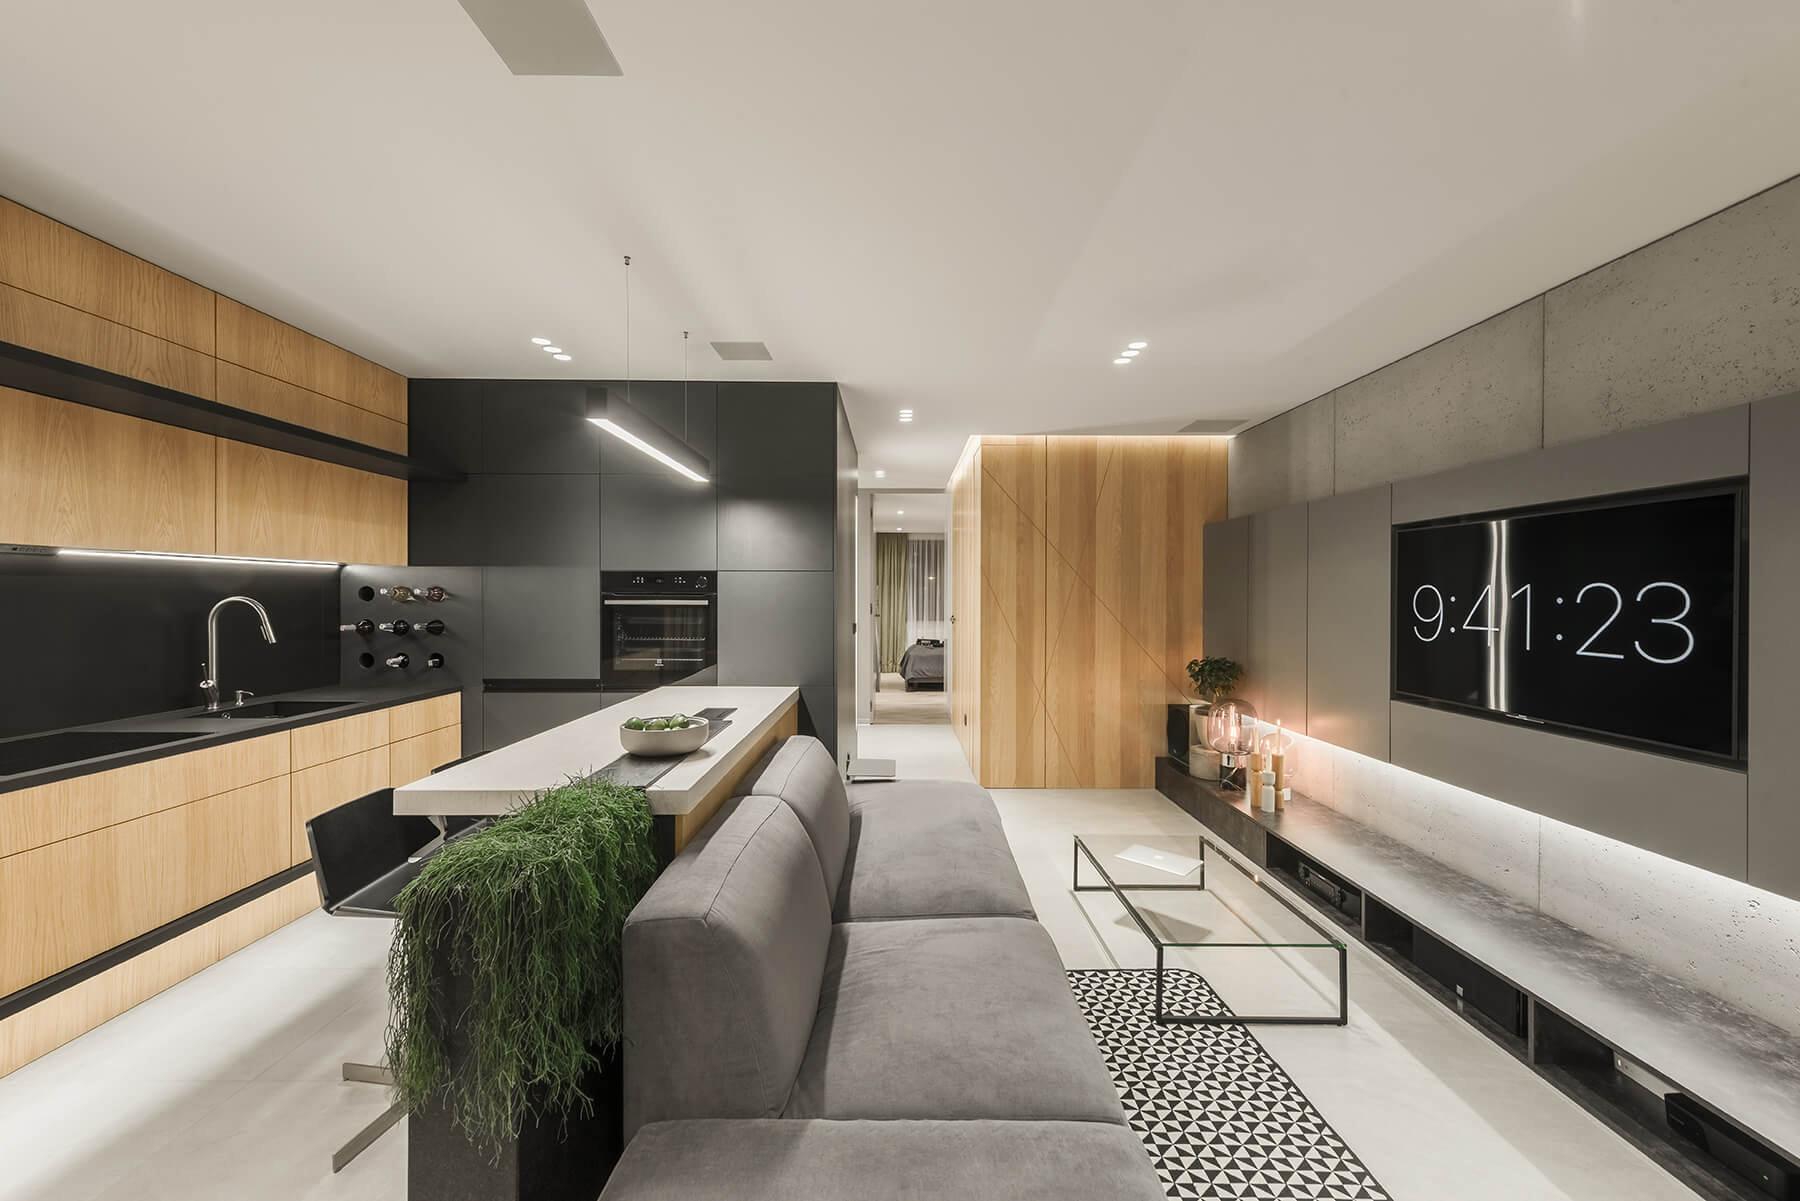 人与自然:58²小户型的自然公寓   NEEN DESIGN